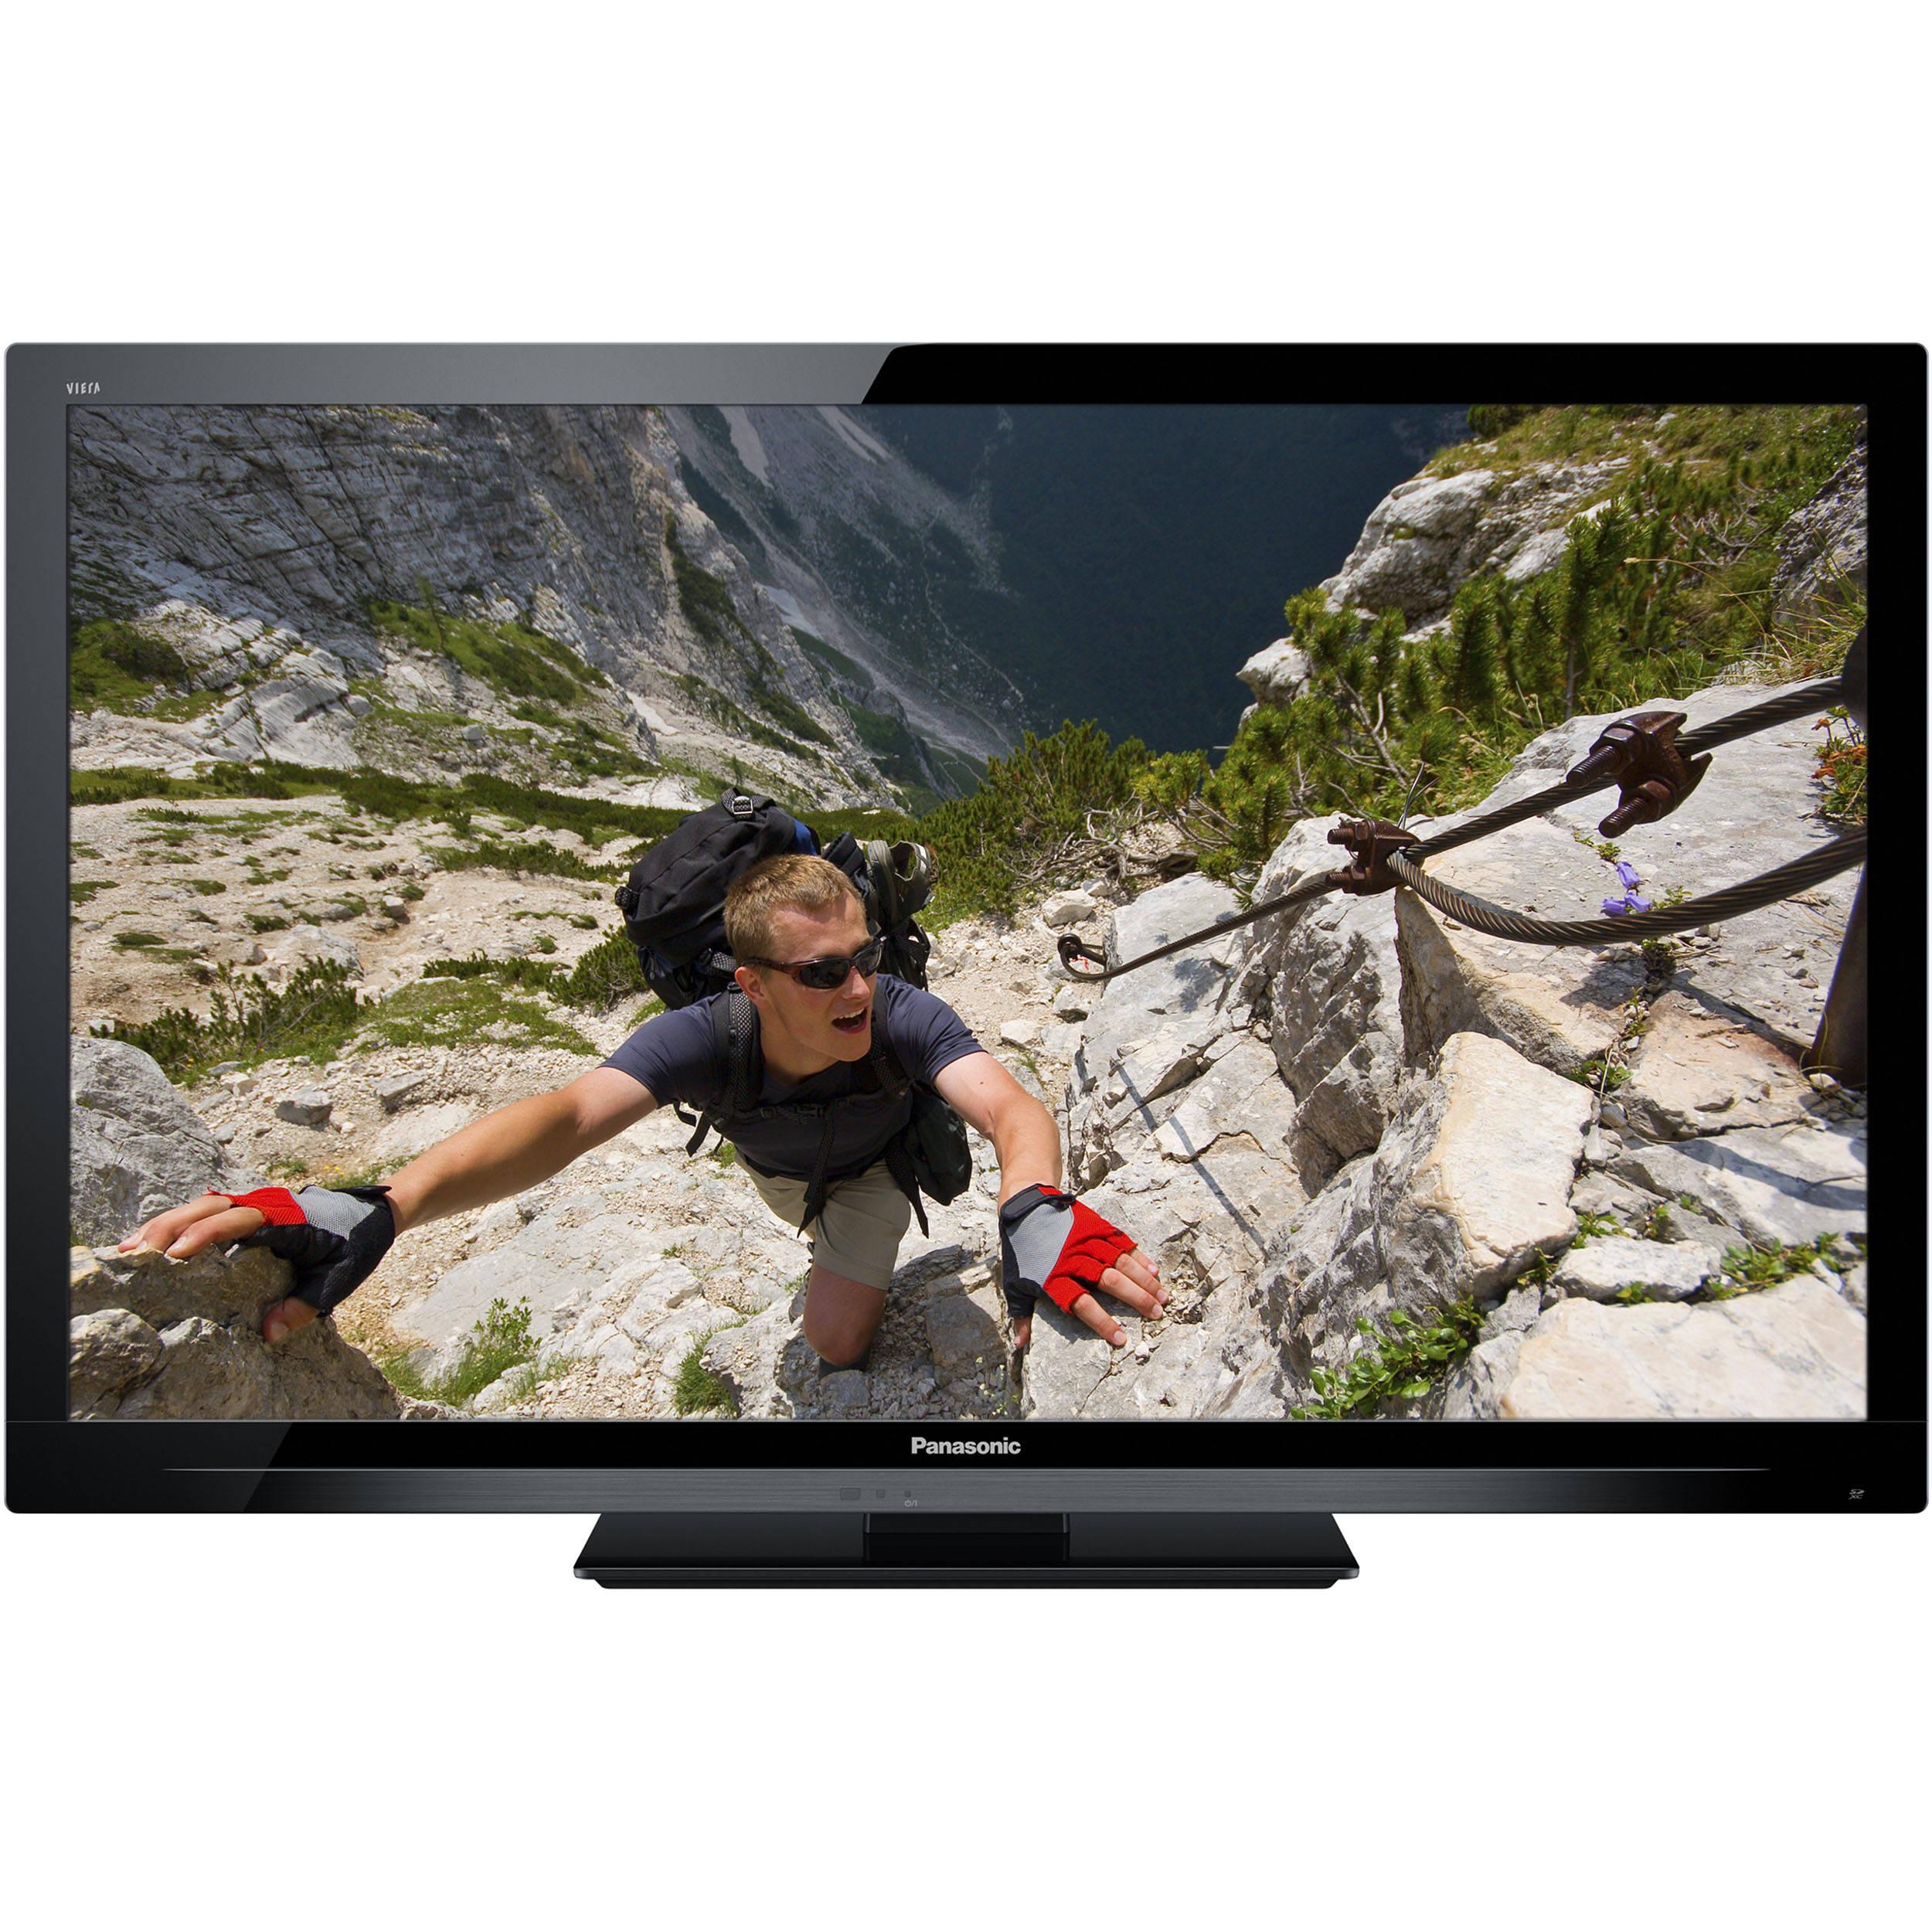 panasonic tc l42e3 42 class viera 1080p led tv tc l42e3 rh bhphotovideo com